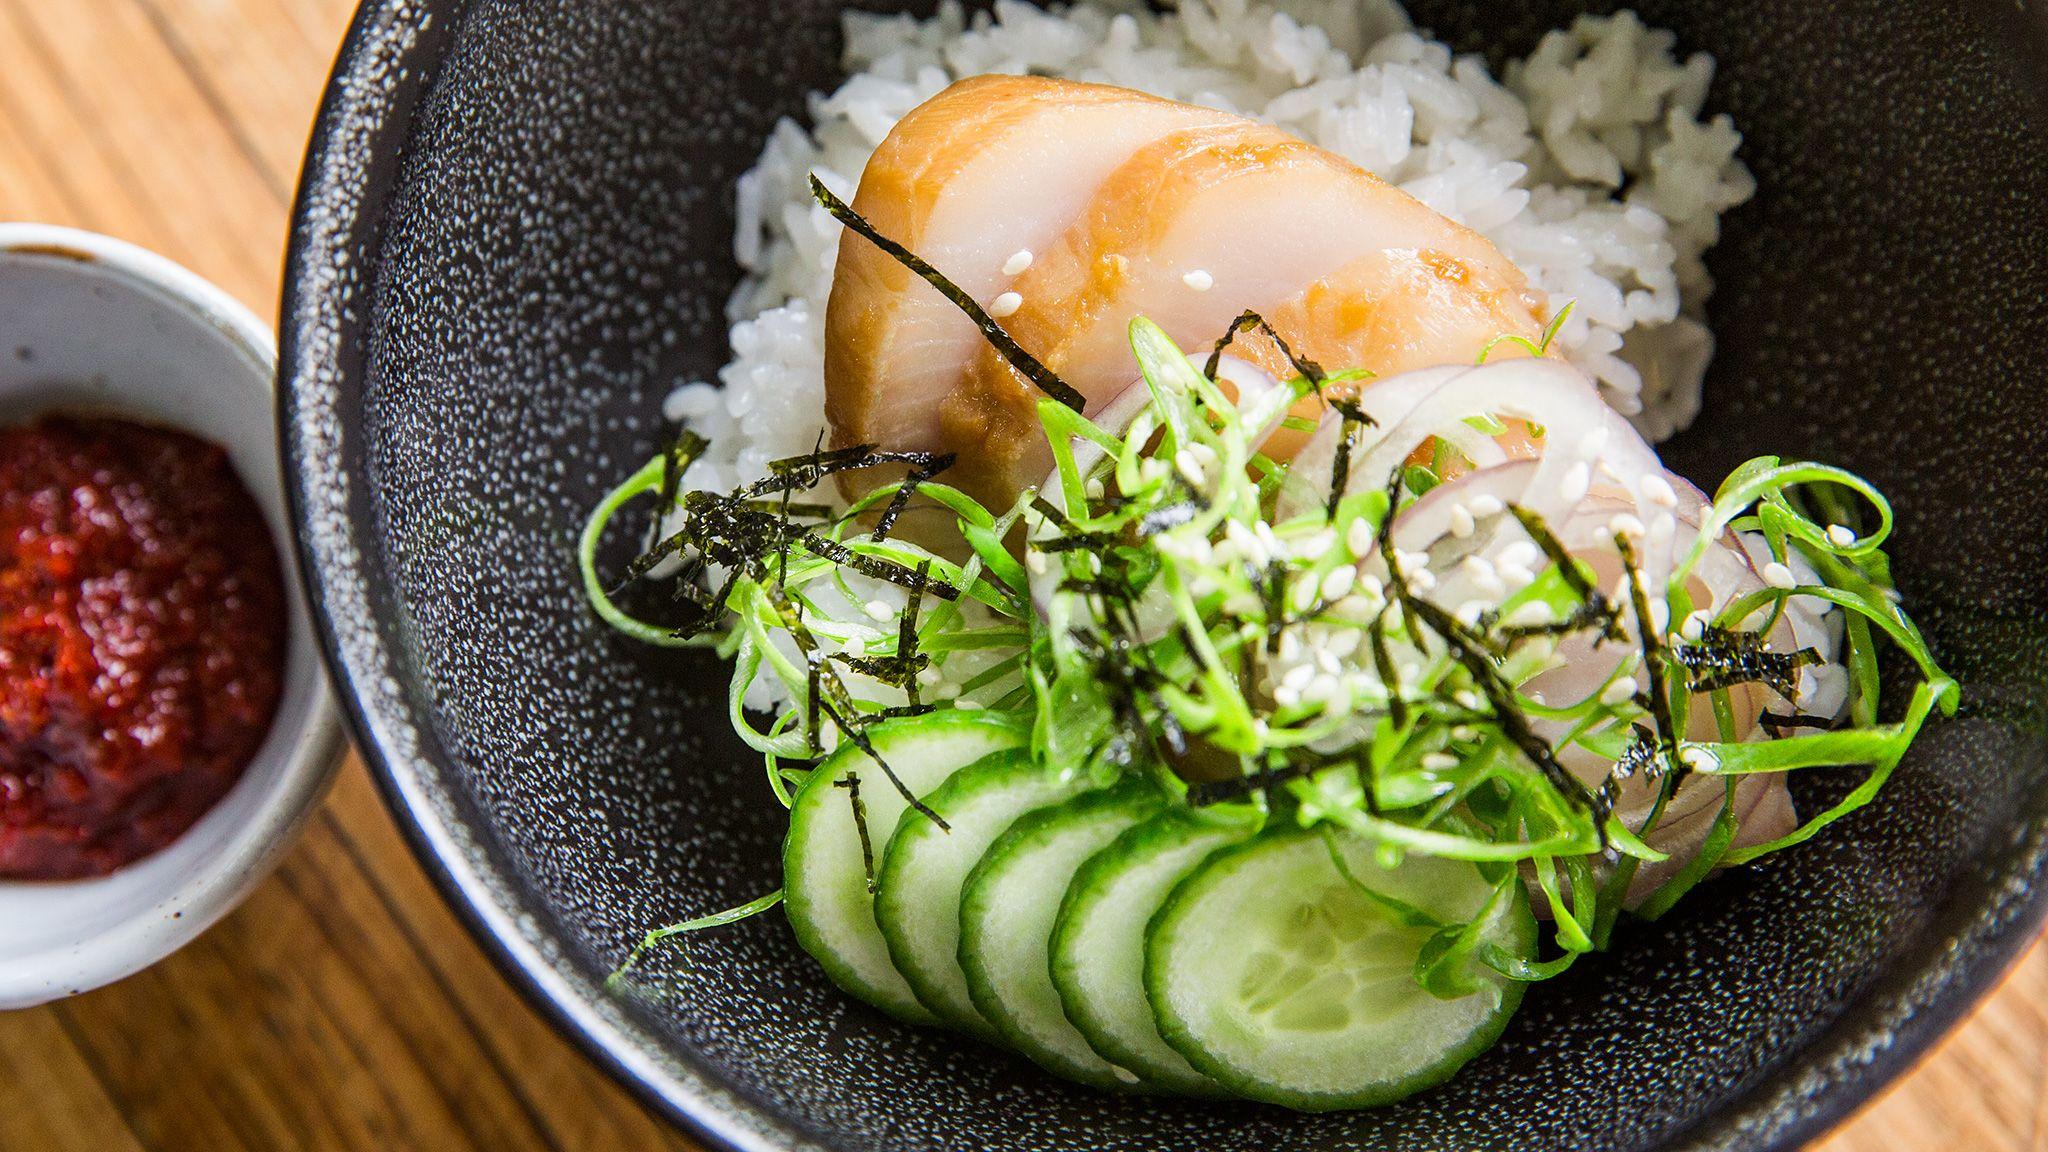 Schnelle Leichte Sommerküche Ofentomaten Mit Hähnchen : Black cod with soy garlic and lime sous vide recipe chefsteps